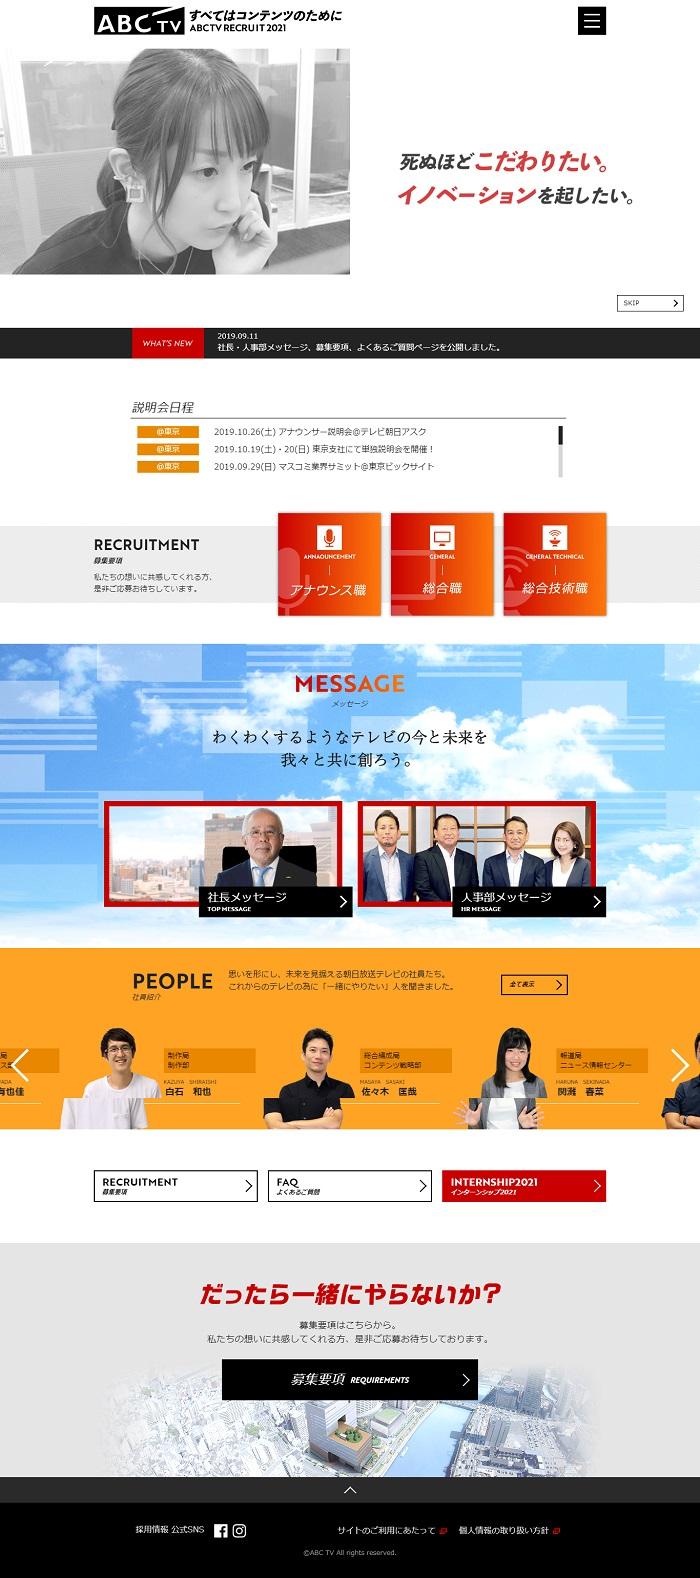 2020年度 新卒採用サイト   朝日放送テレビ